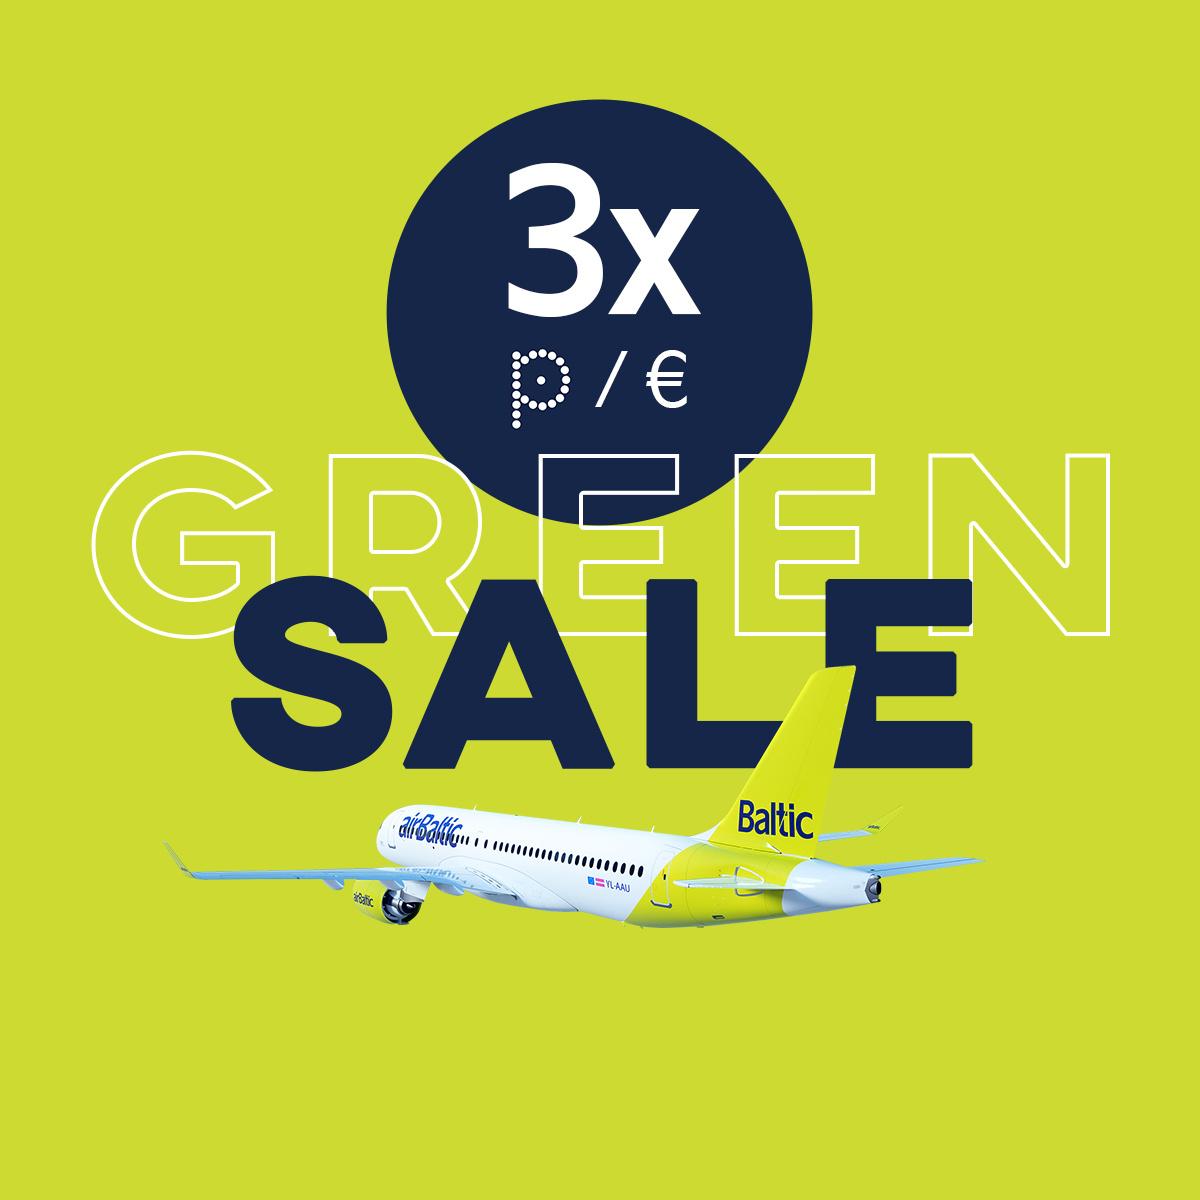 Большая распродажа полётов начинается: получите втрое больше пунктов! image